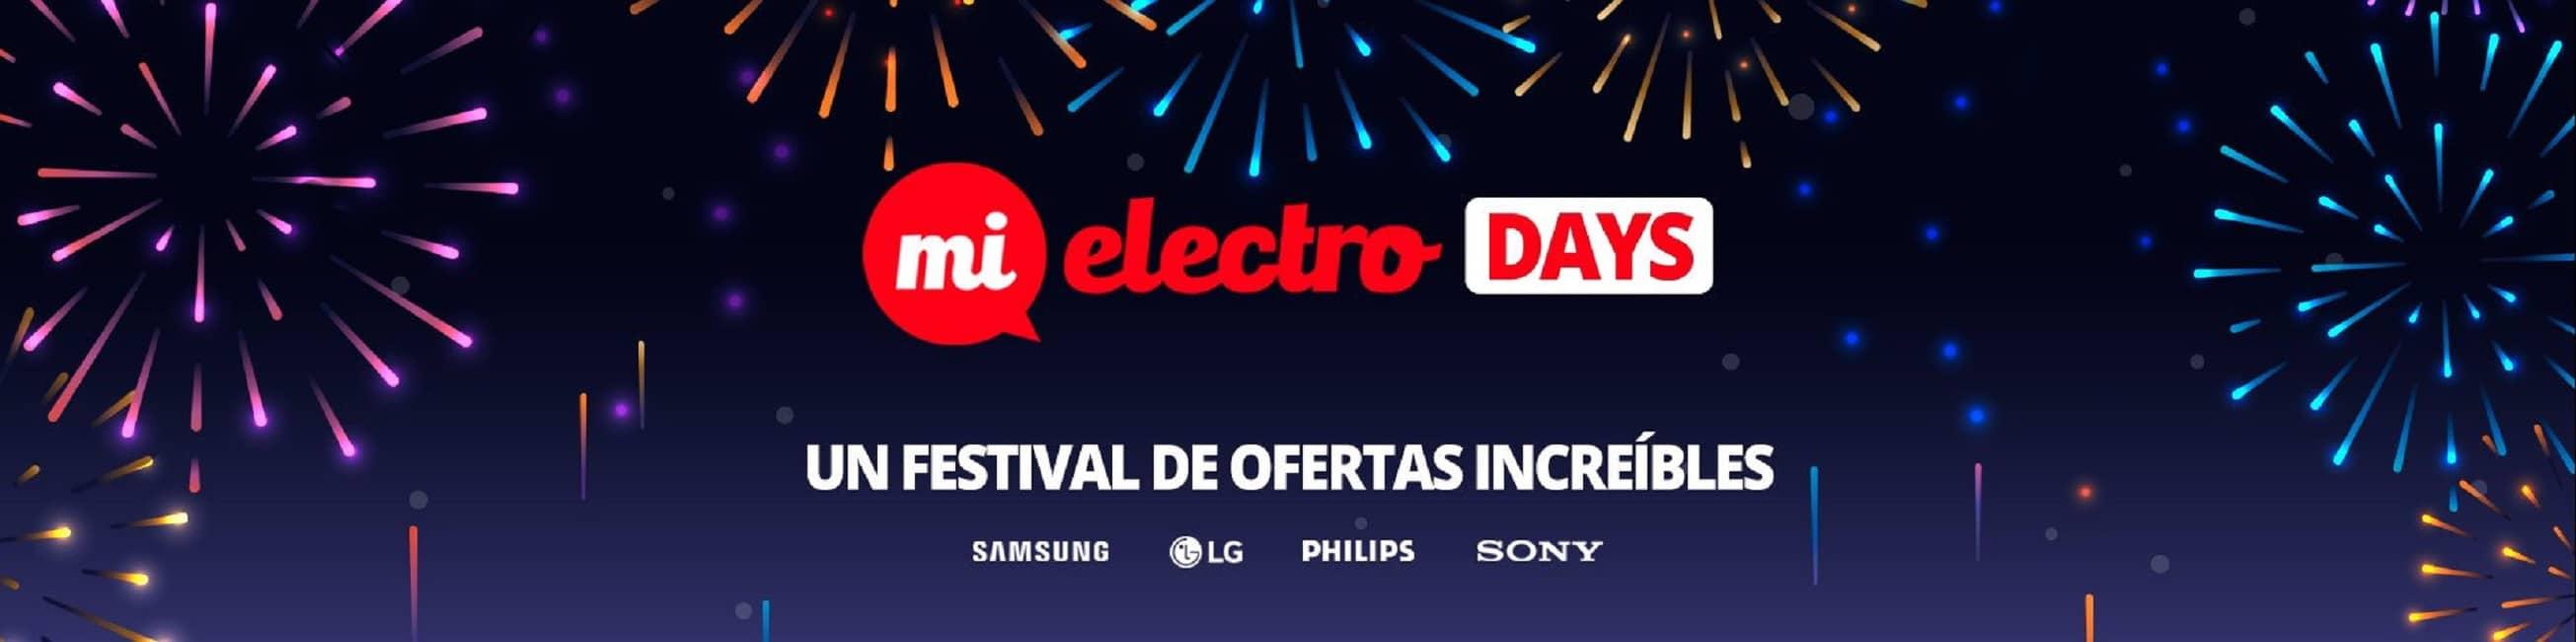 Mi Electro Days